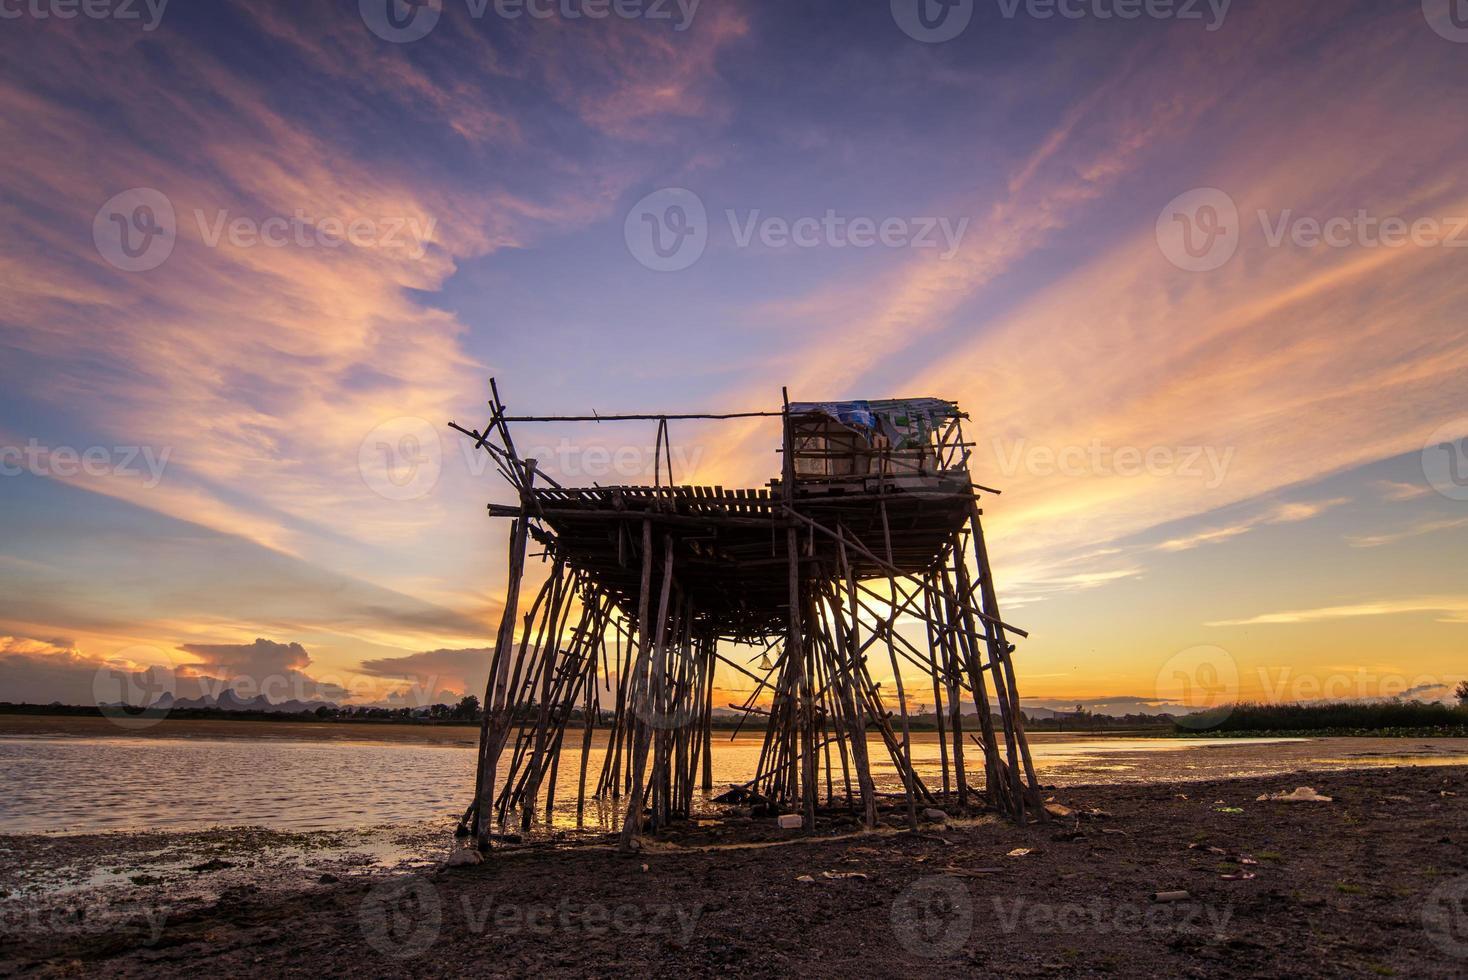 överge träfiskarstuga i vacker solnedgångsscene foto